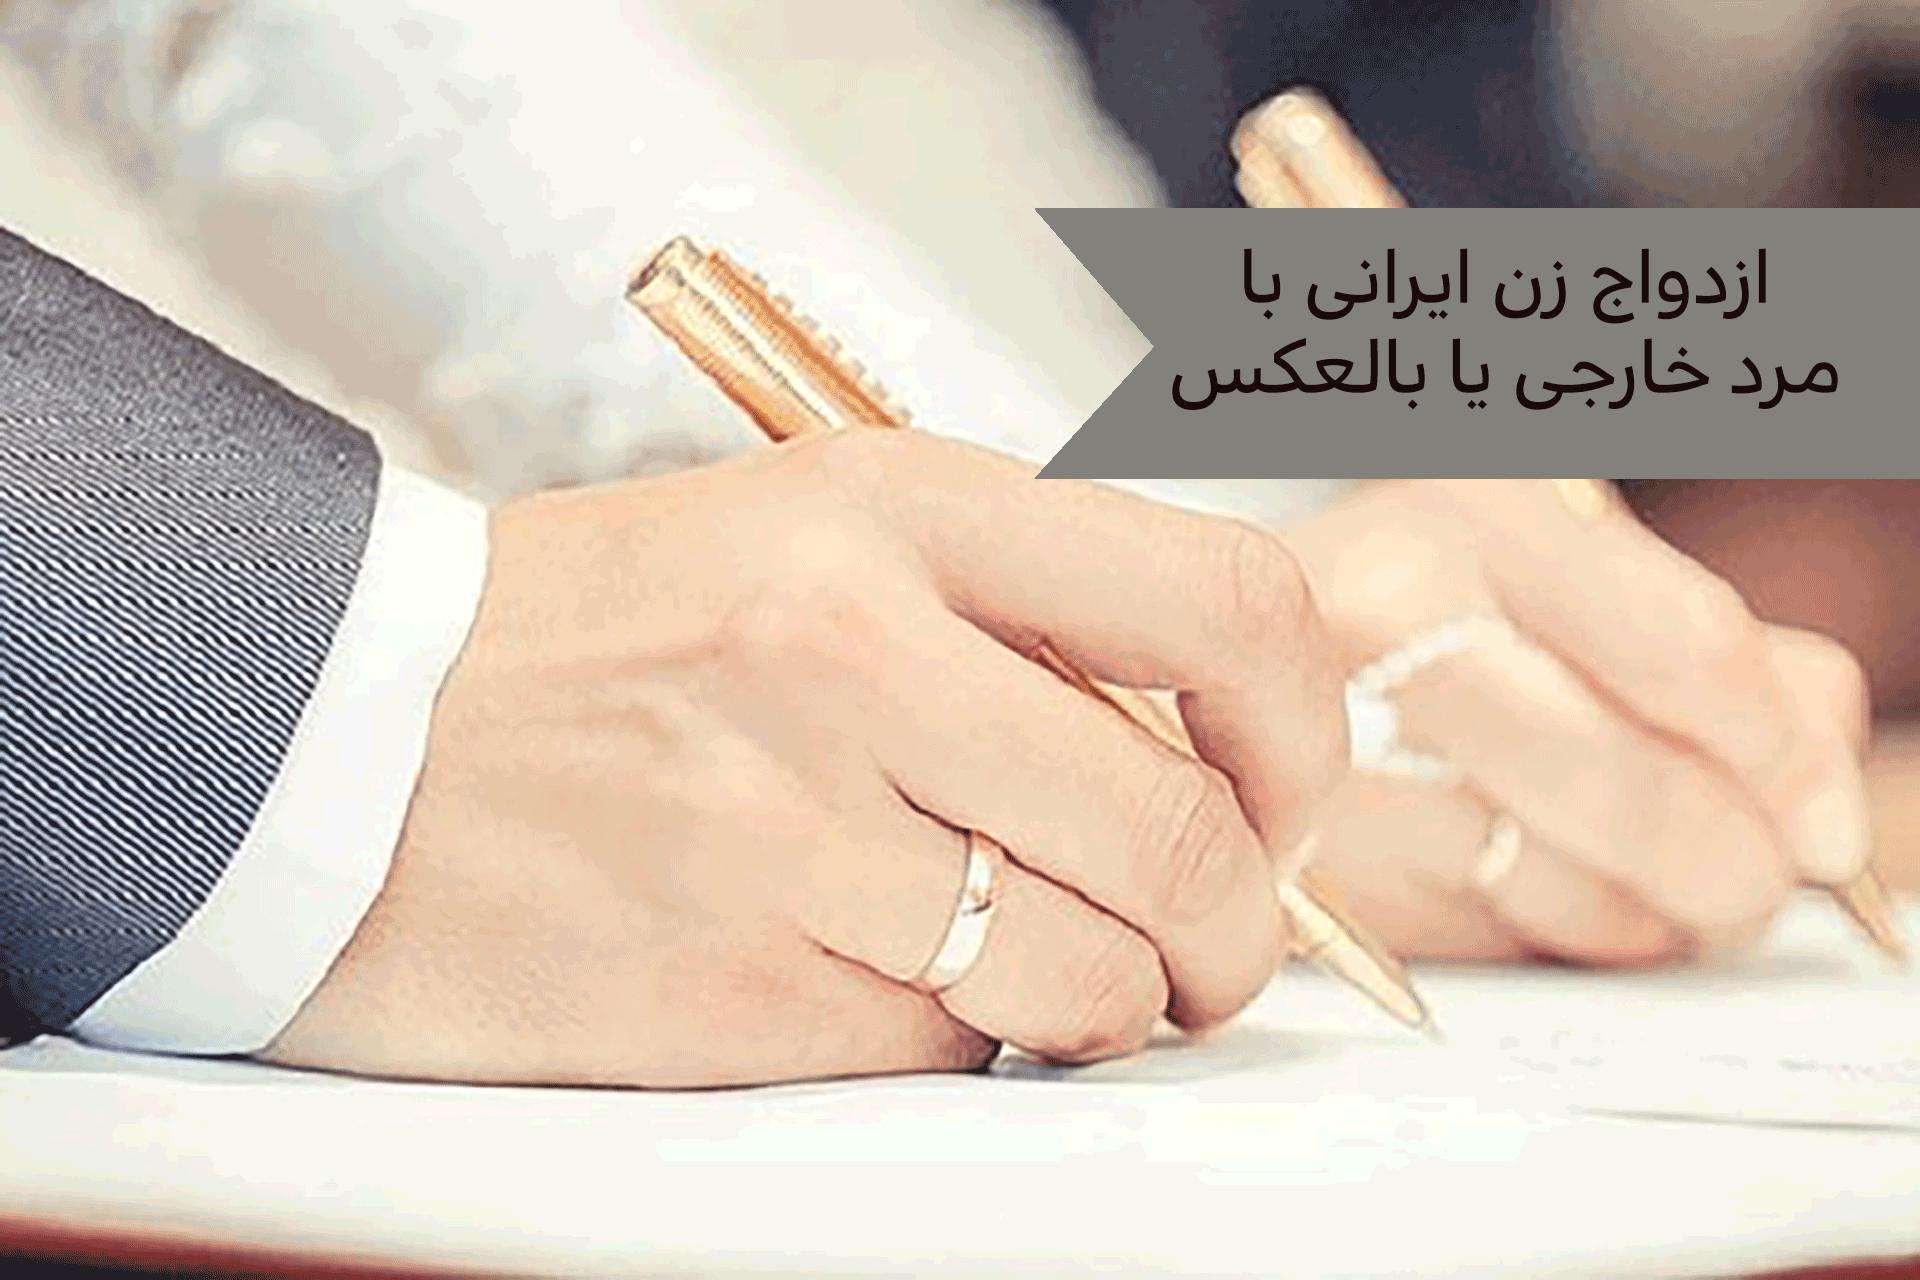 ازدواج زن ایرانی با مرد خارجی و برعکس